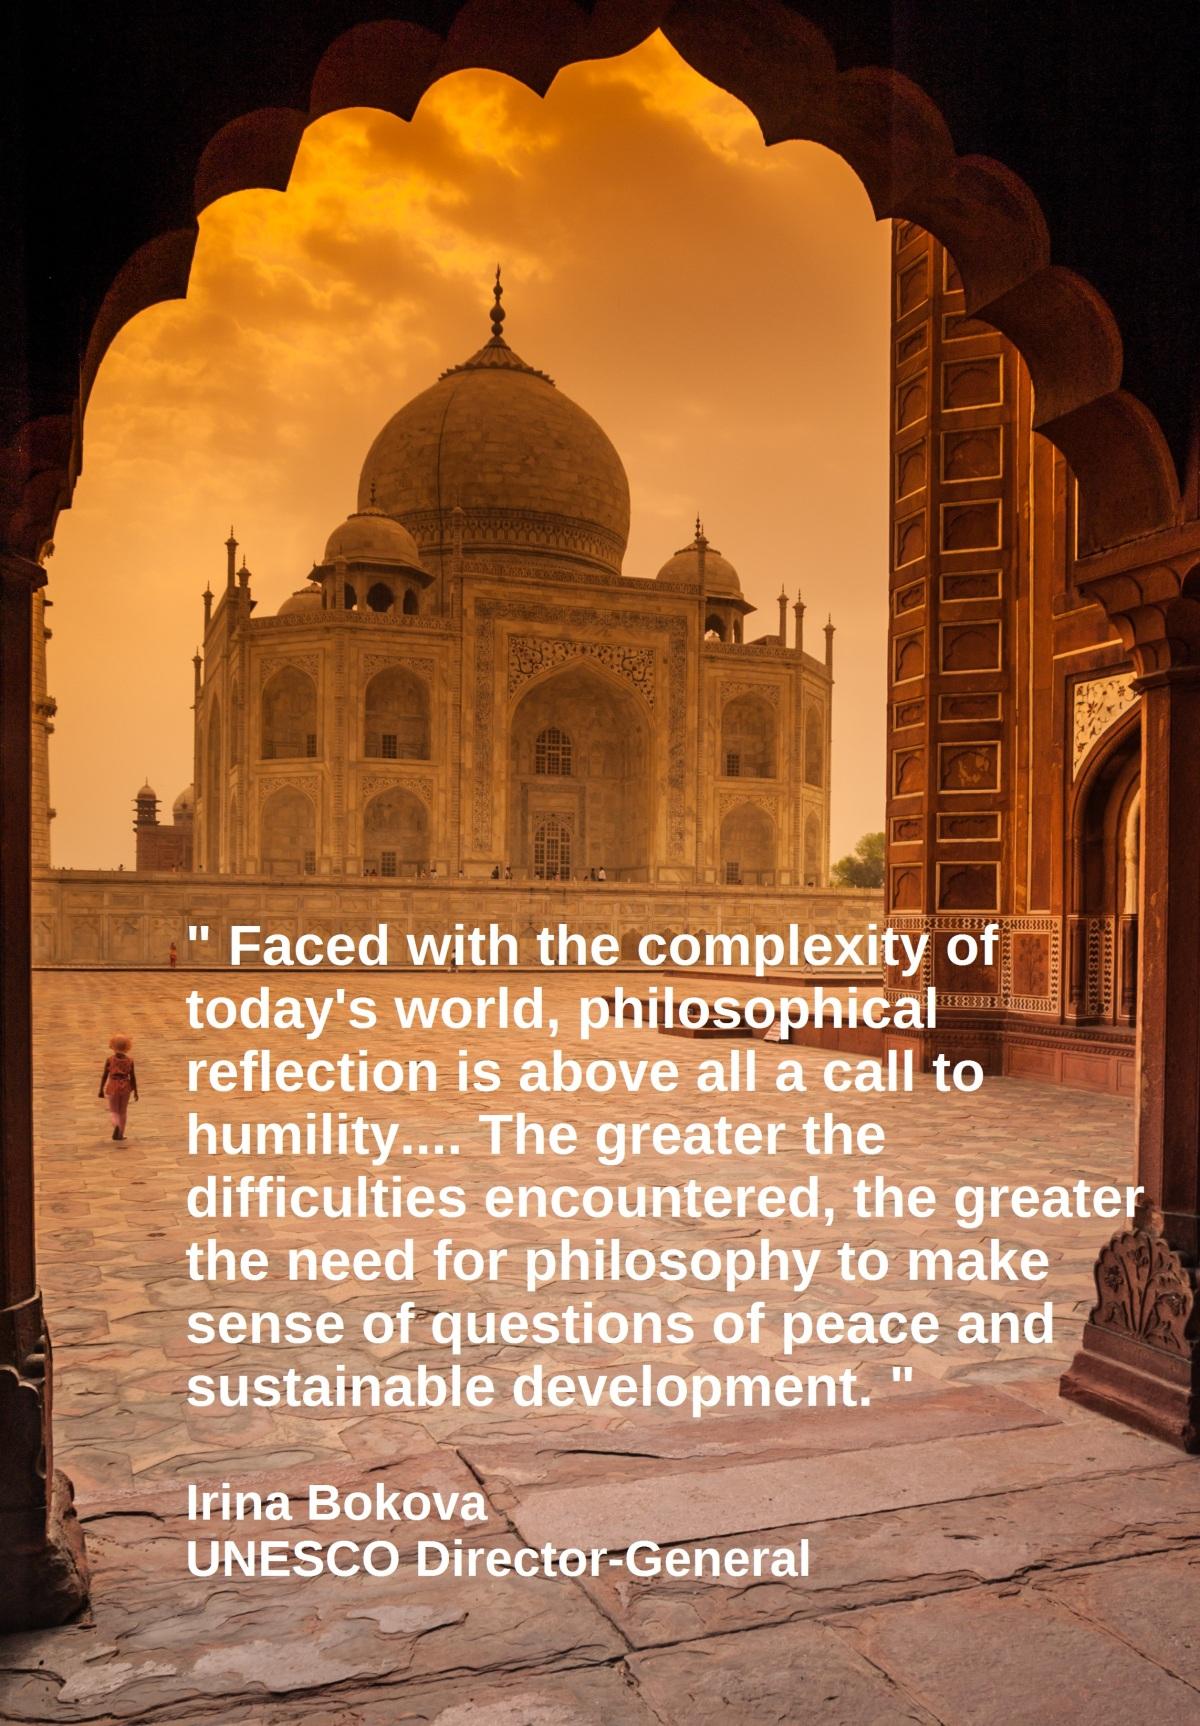 Happy World PhilosophyDay!